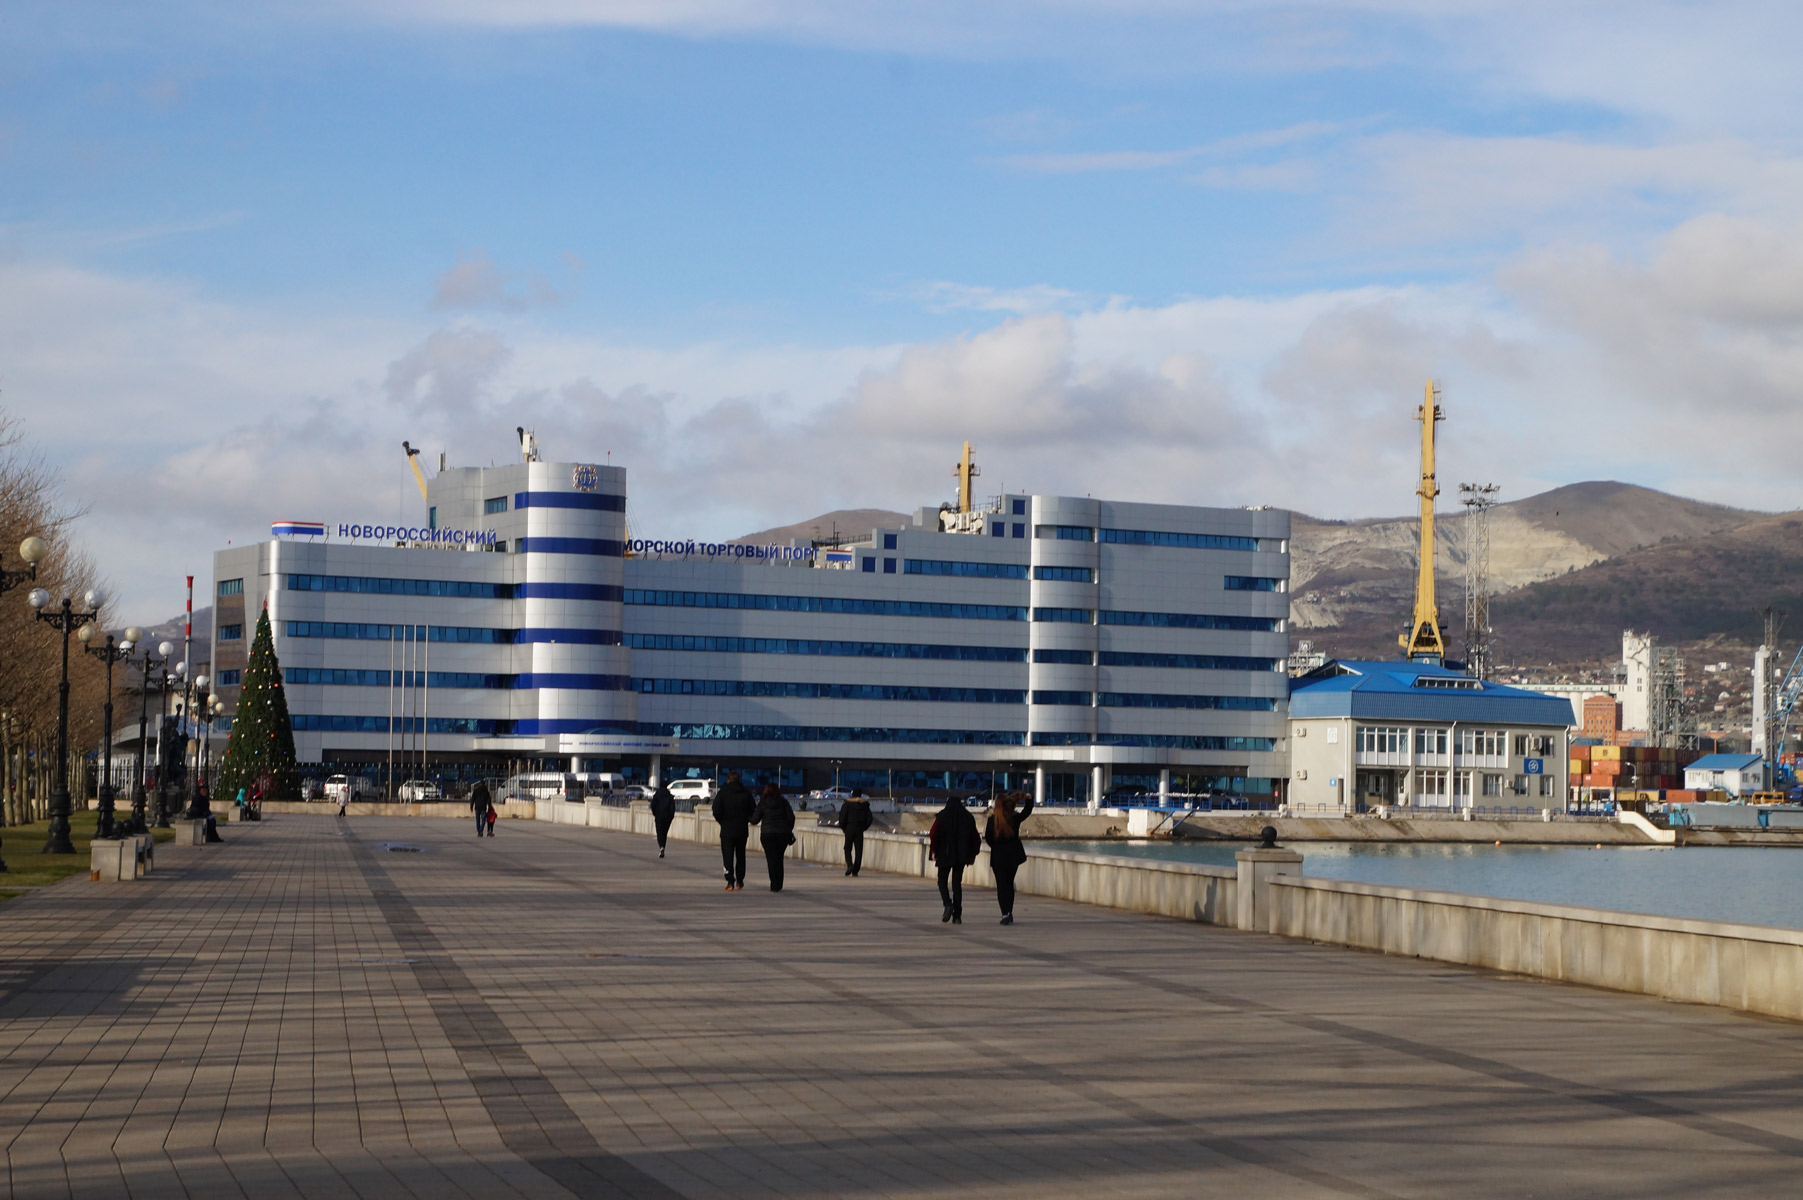 Краснодарский край, Новороссийск, зима 2019